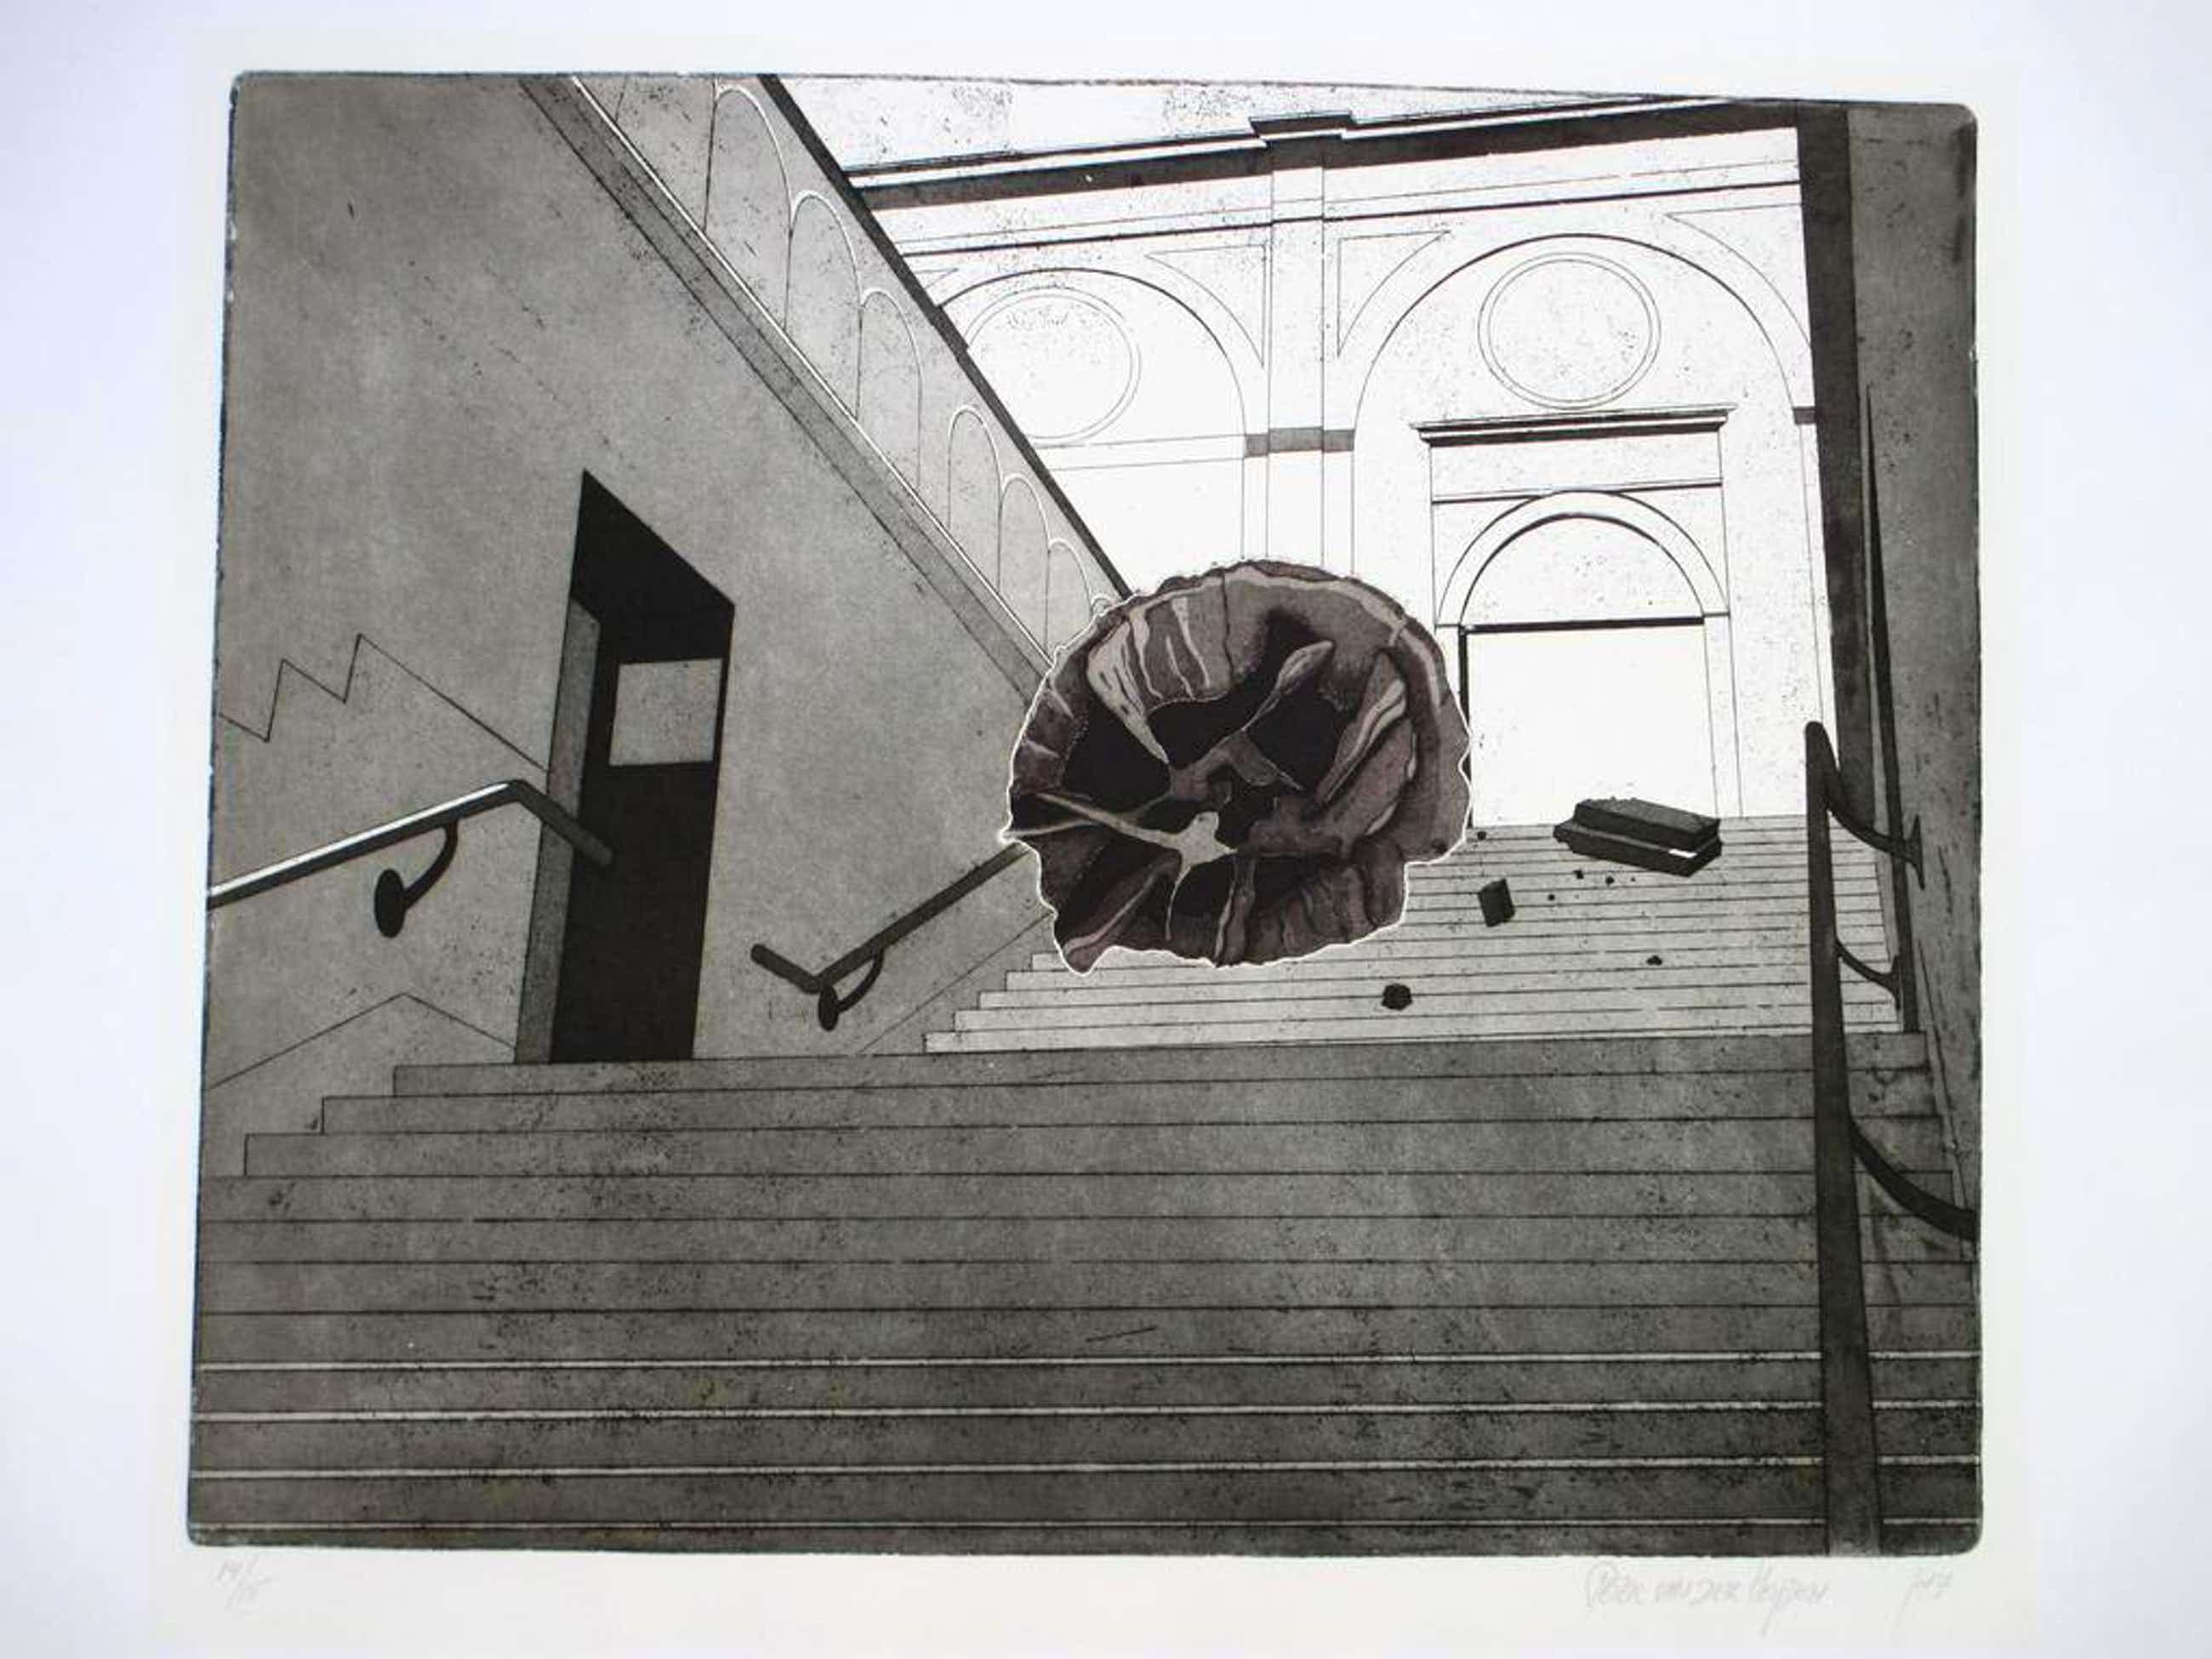 Peter van der Heijden, Trap Stedelijk Museum, Ets 1977 kopen? Bied vanaf 35!